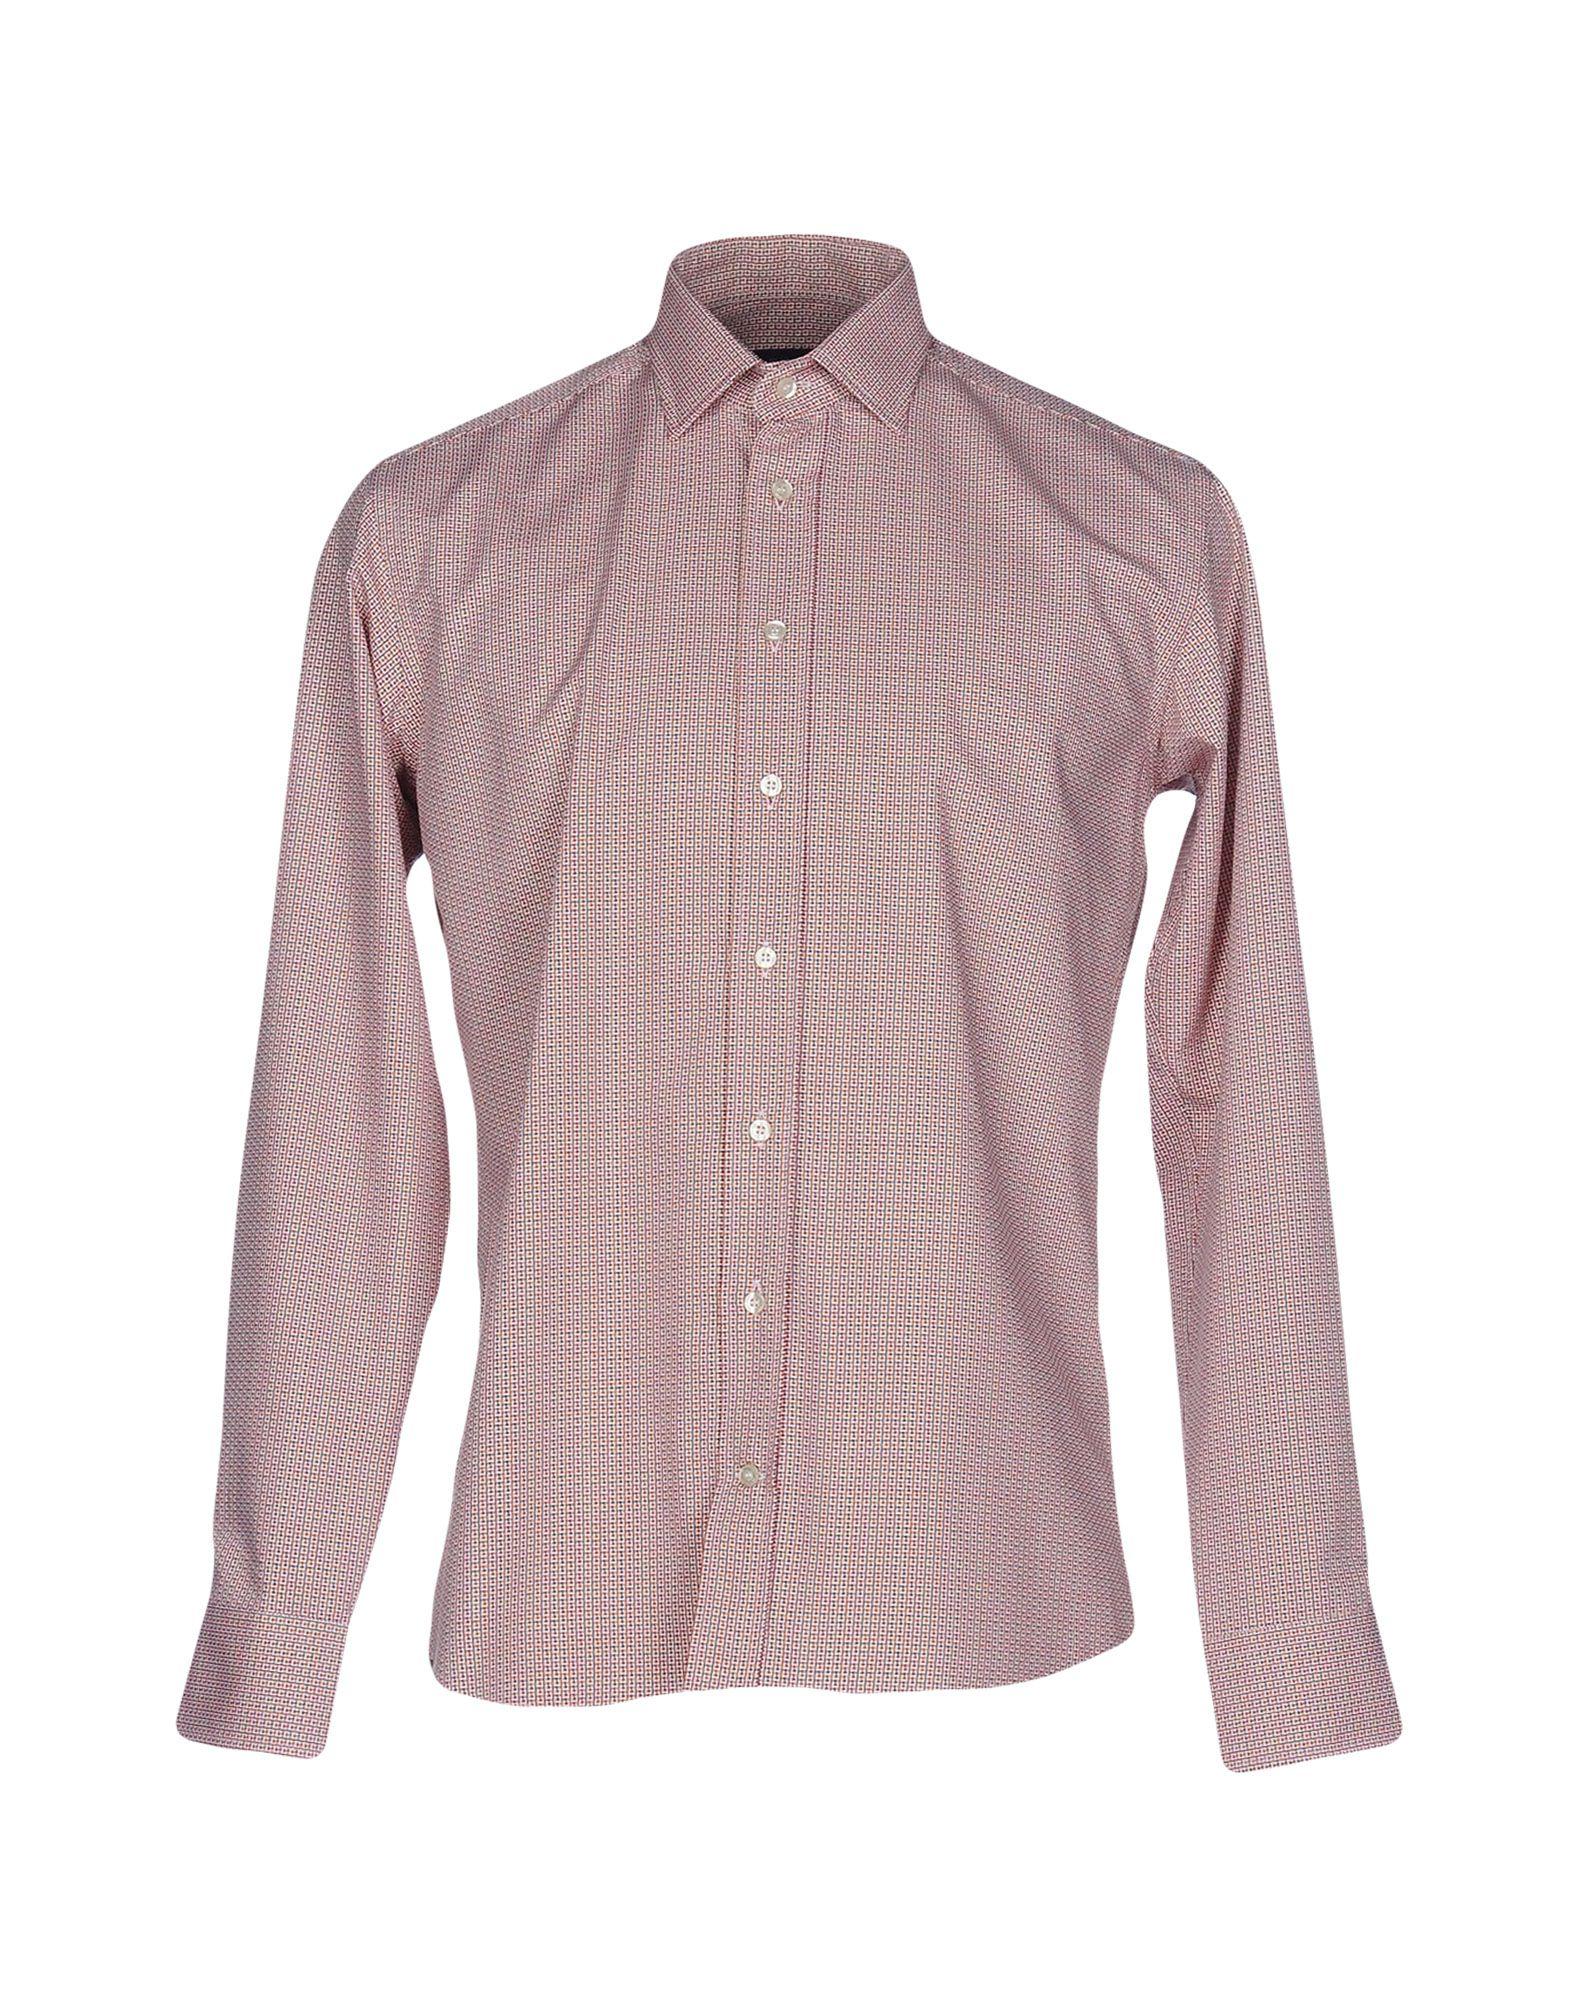 ETRO Herren Hemd Farbe Rostrot Größe 2